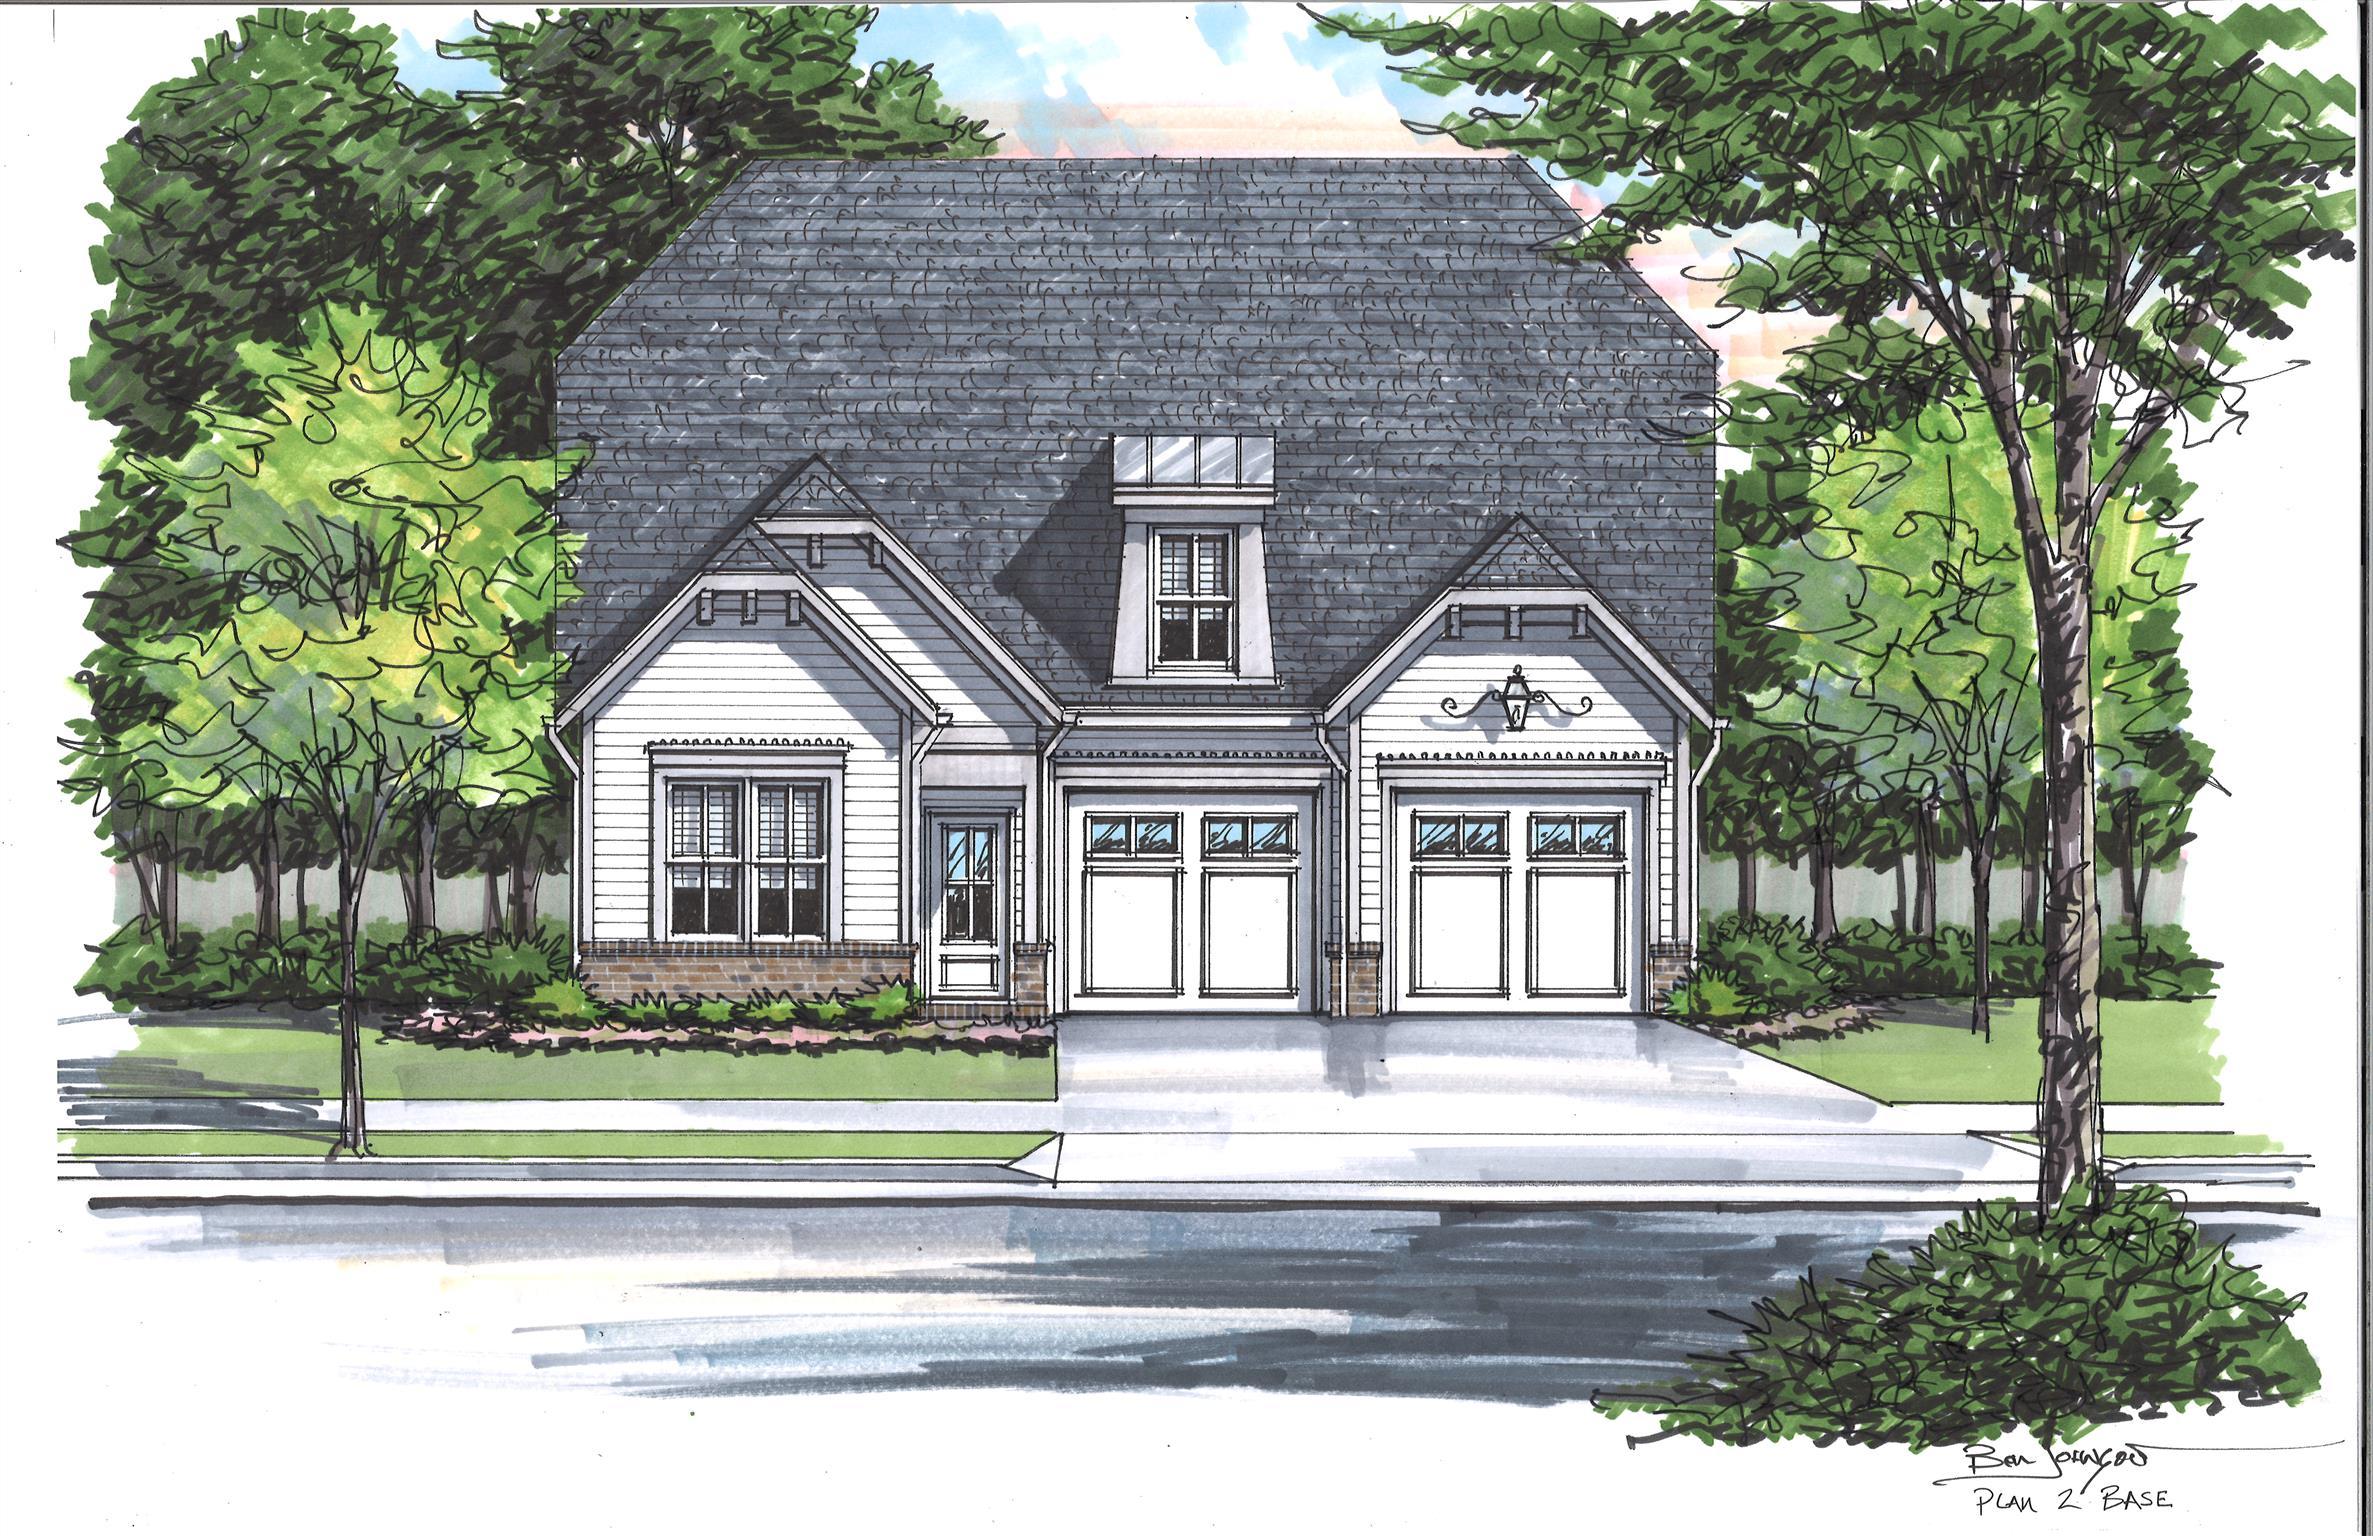 0 Caroline Farms Drive 58, Murfreesboro, TN 37129 - Murfreesboro, TN real estate listing